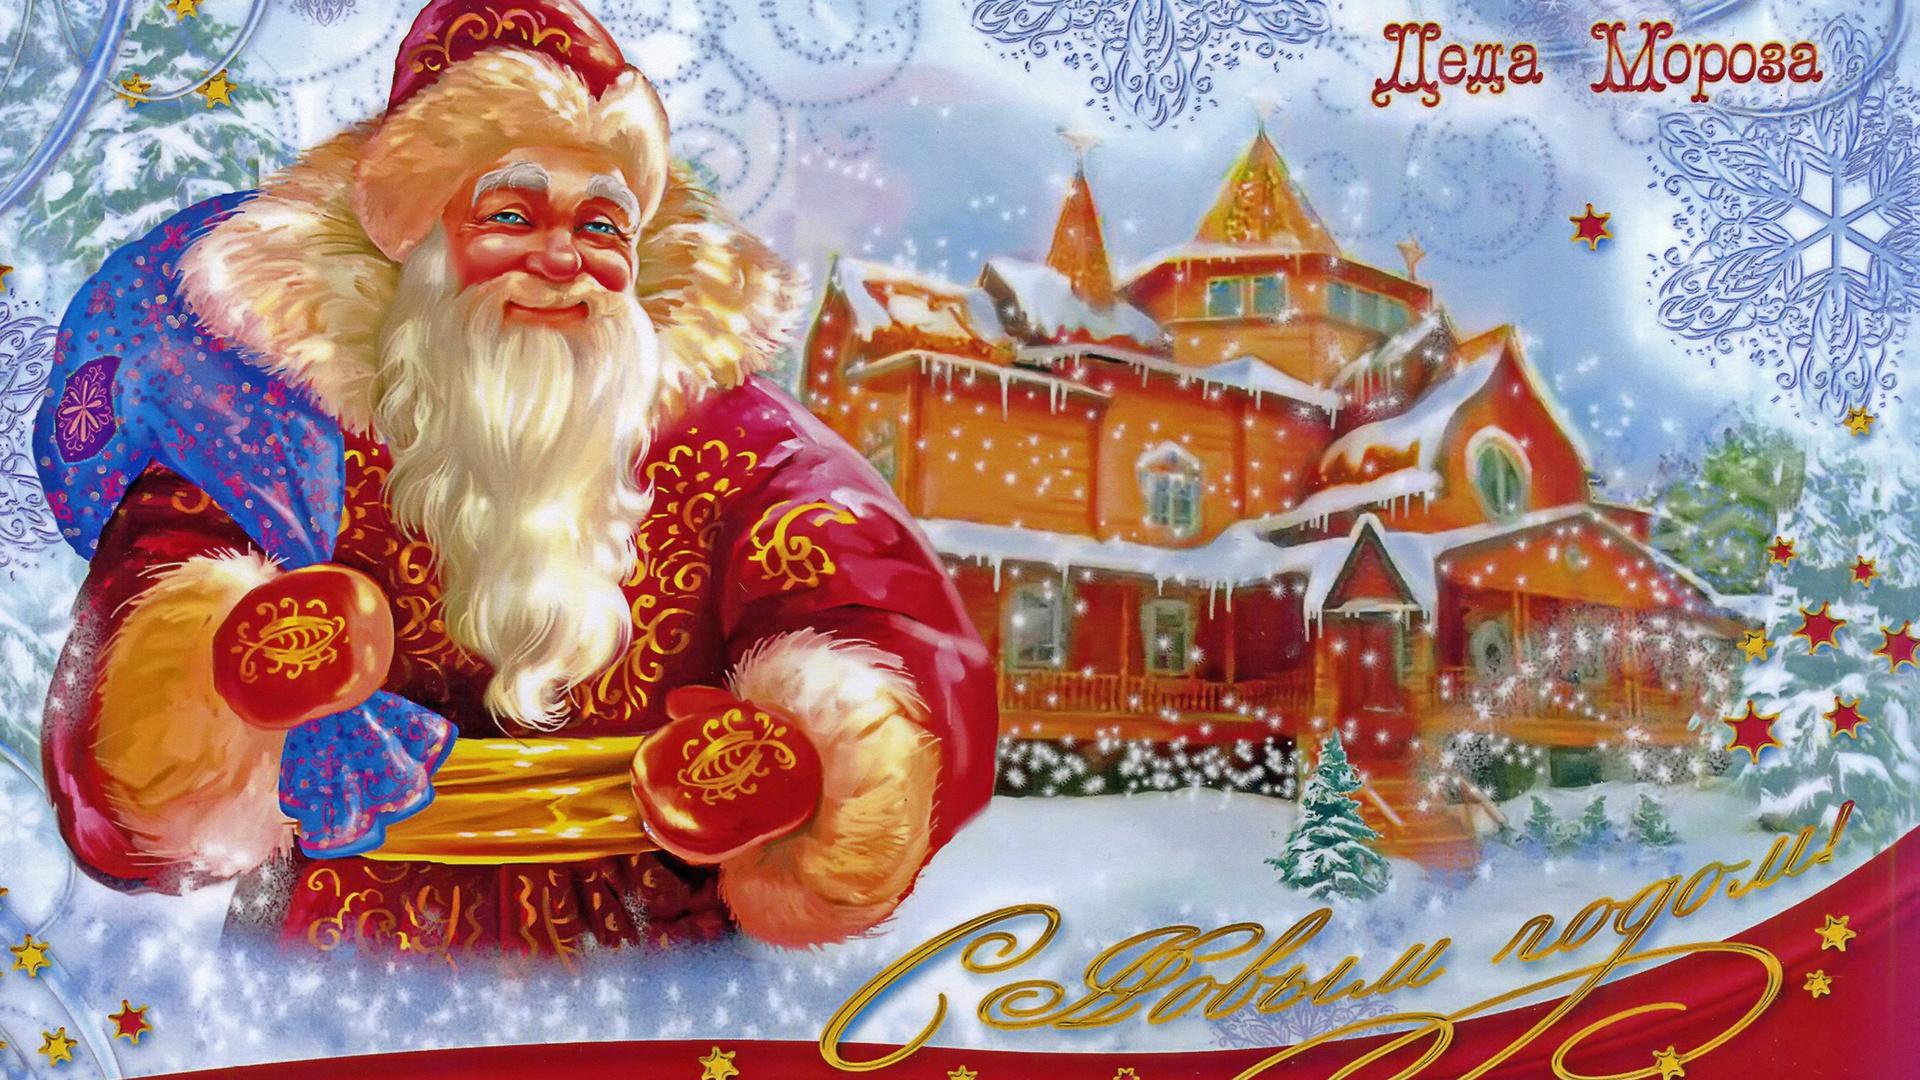 Новогодние открытки от дед мороза